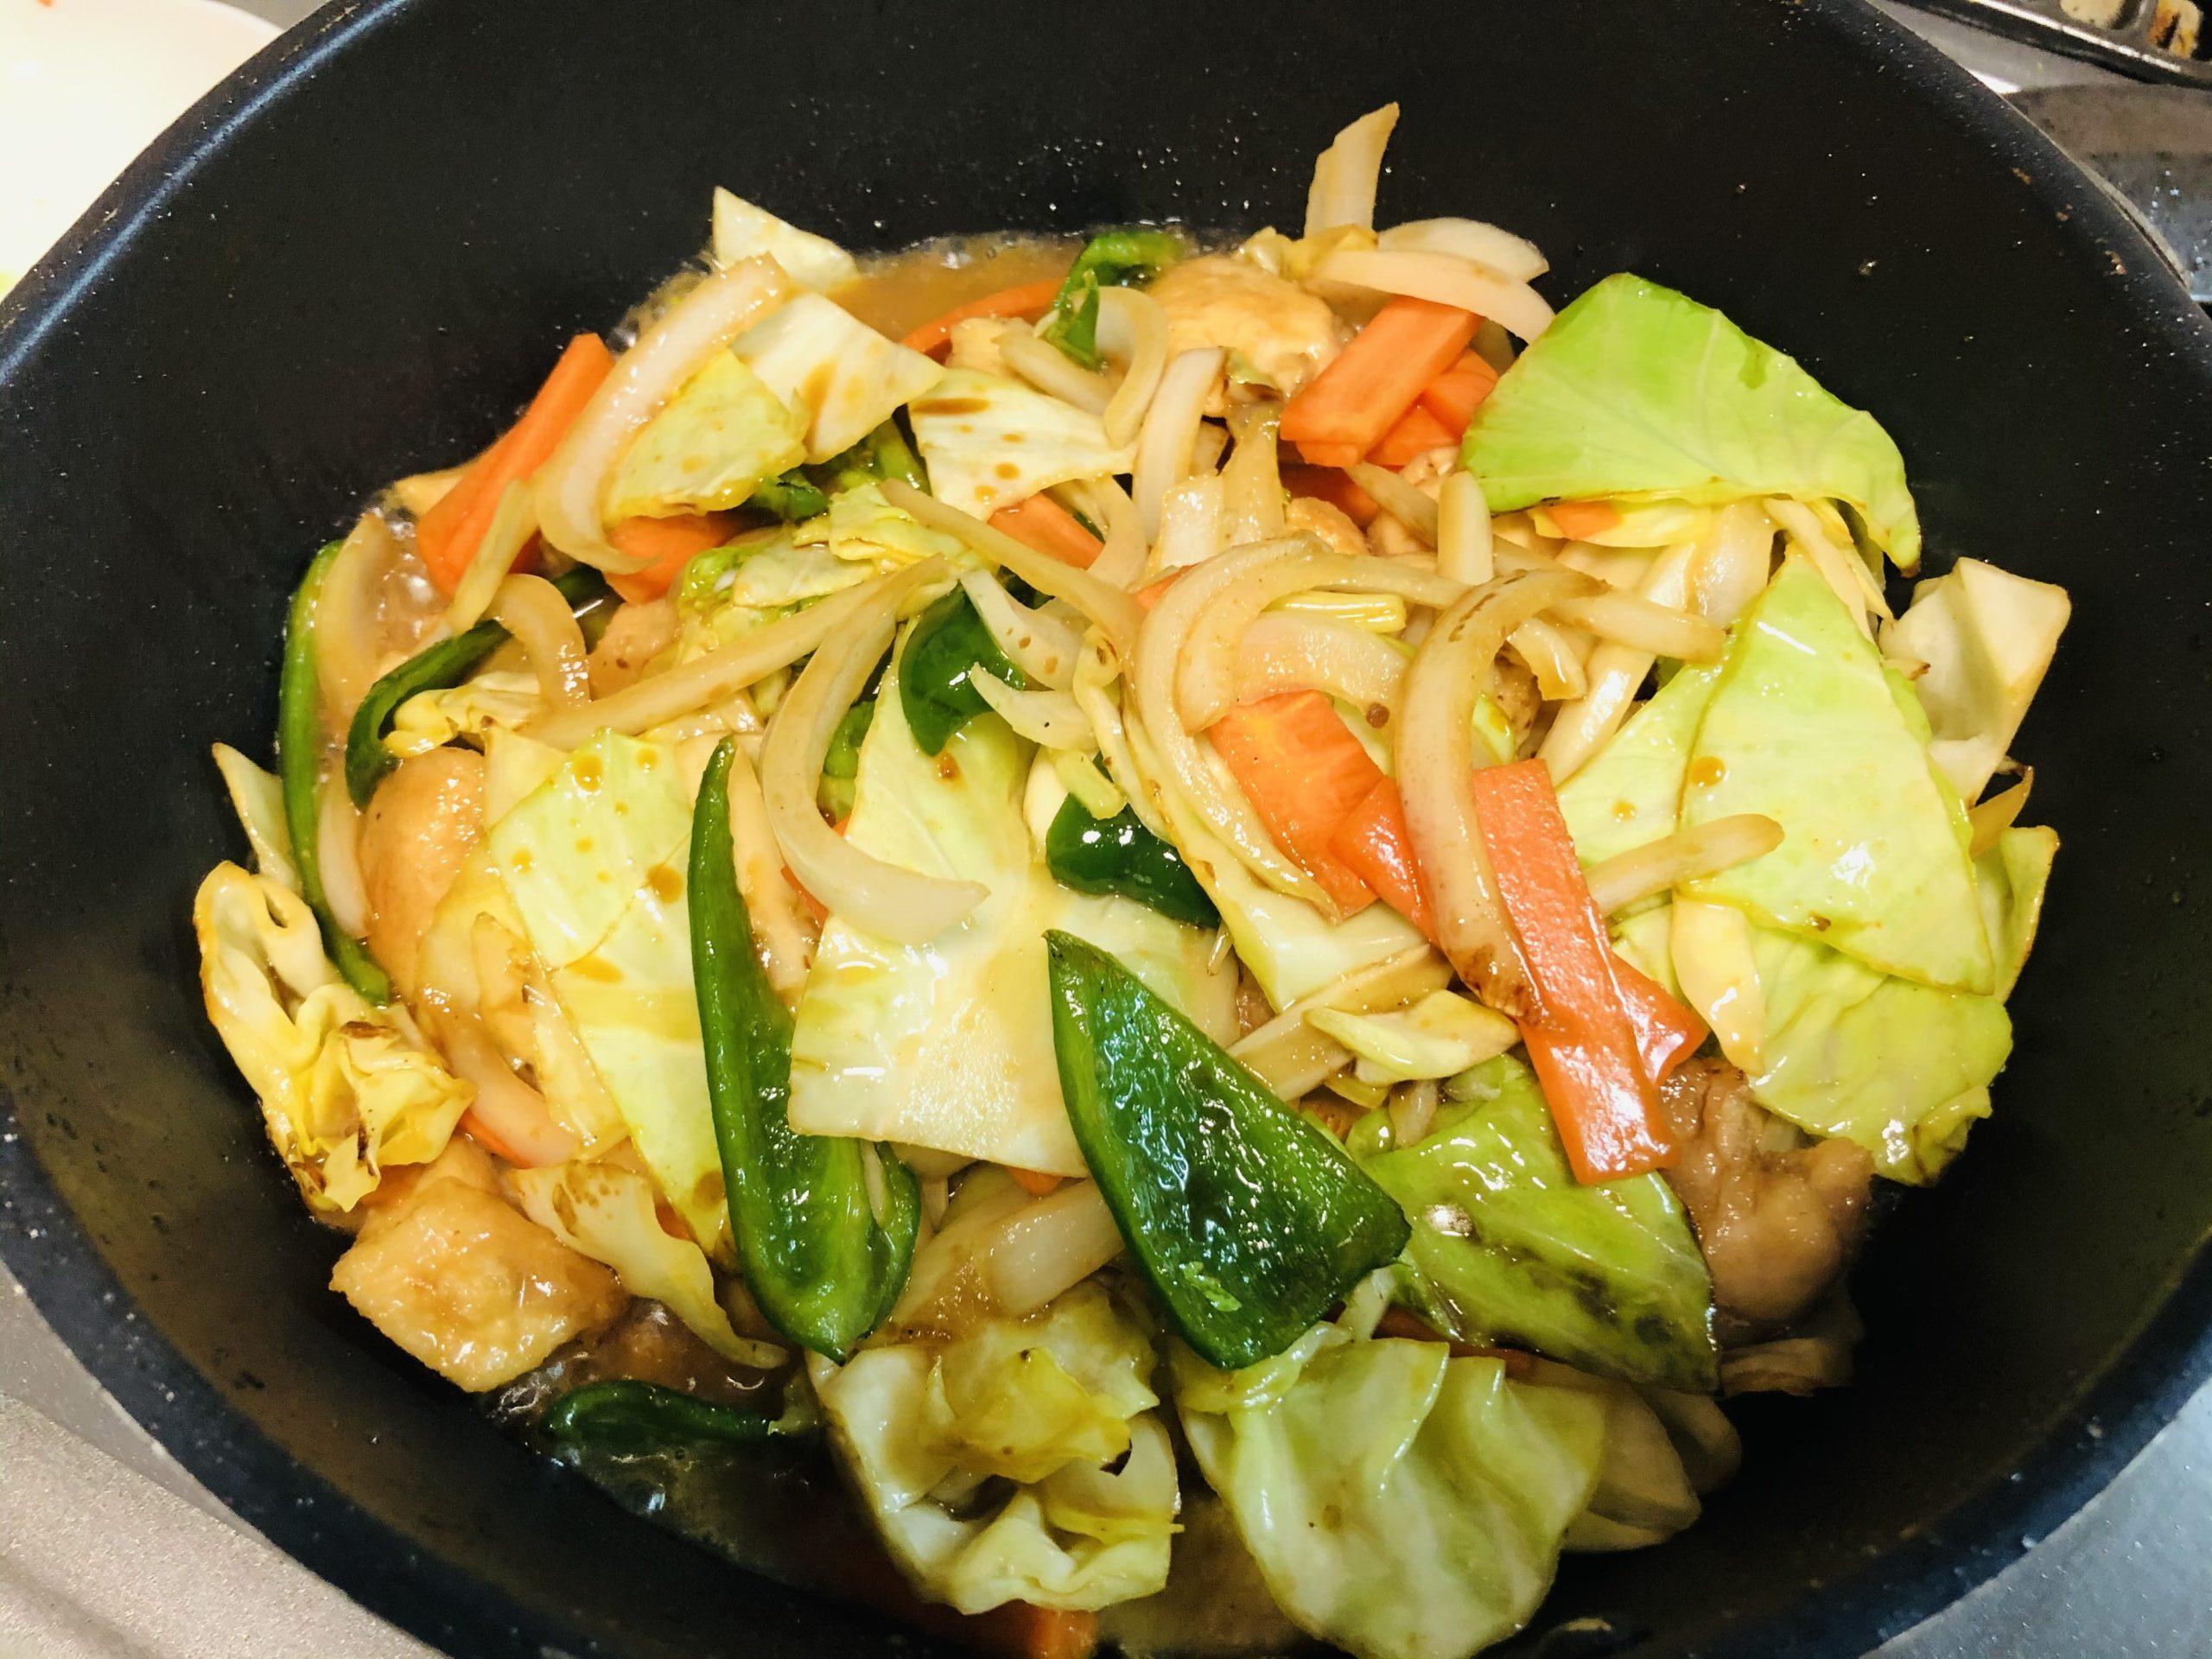 野菜と肉が入り、水と中華だしを入れ、煮立たせている様子の画像です。